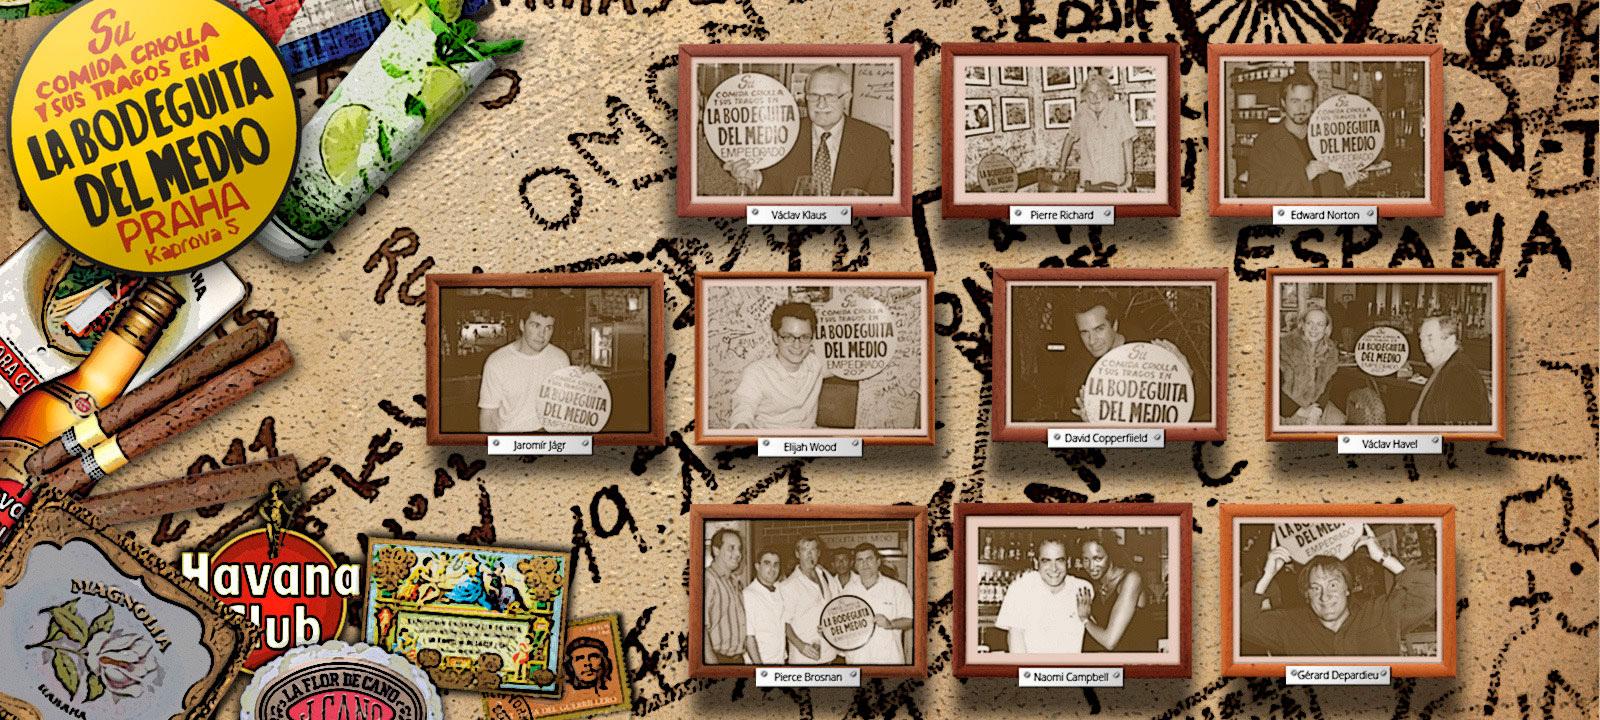 酒吧里的名人墙 酒吧官网图